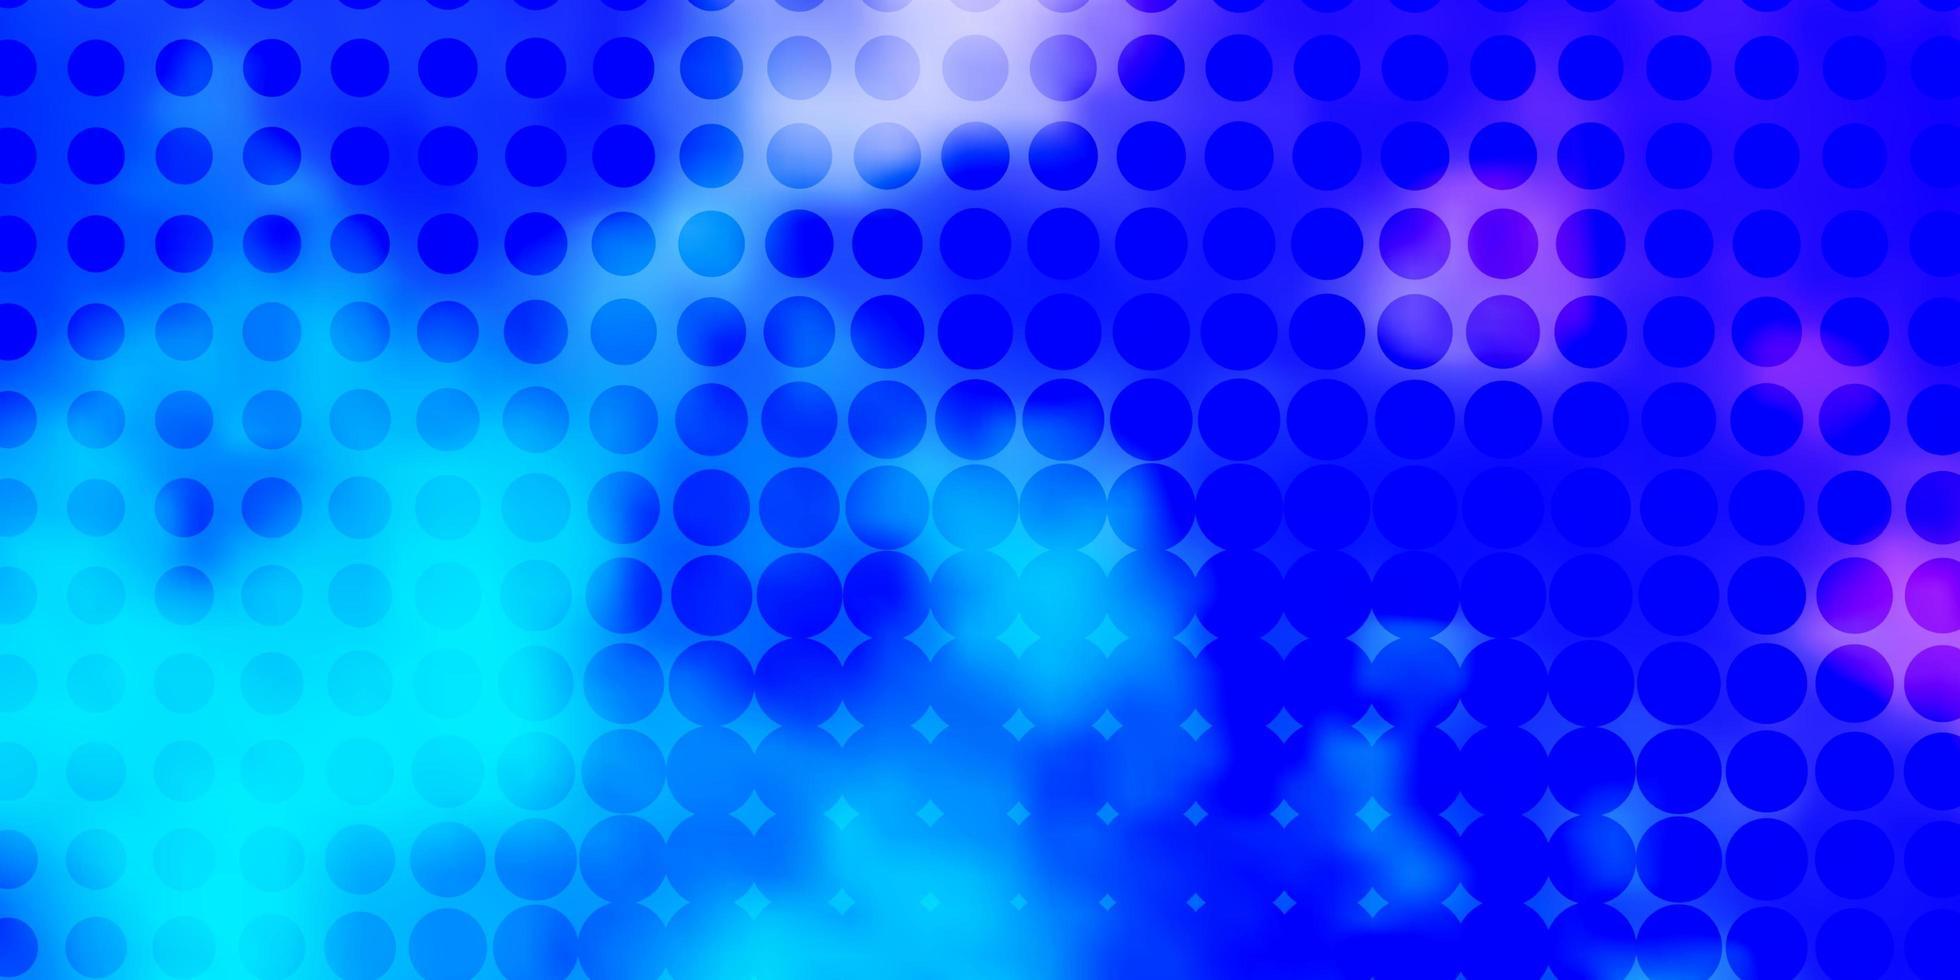 disposition de vecteur rose clair, bleu avec des formes de cercle.